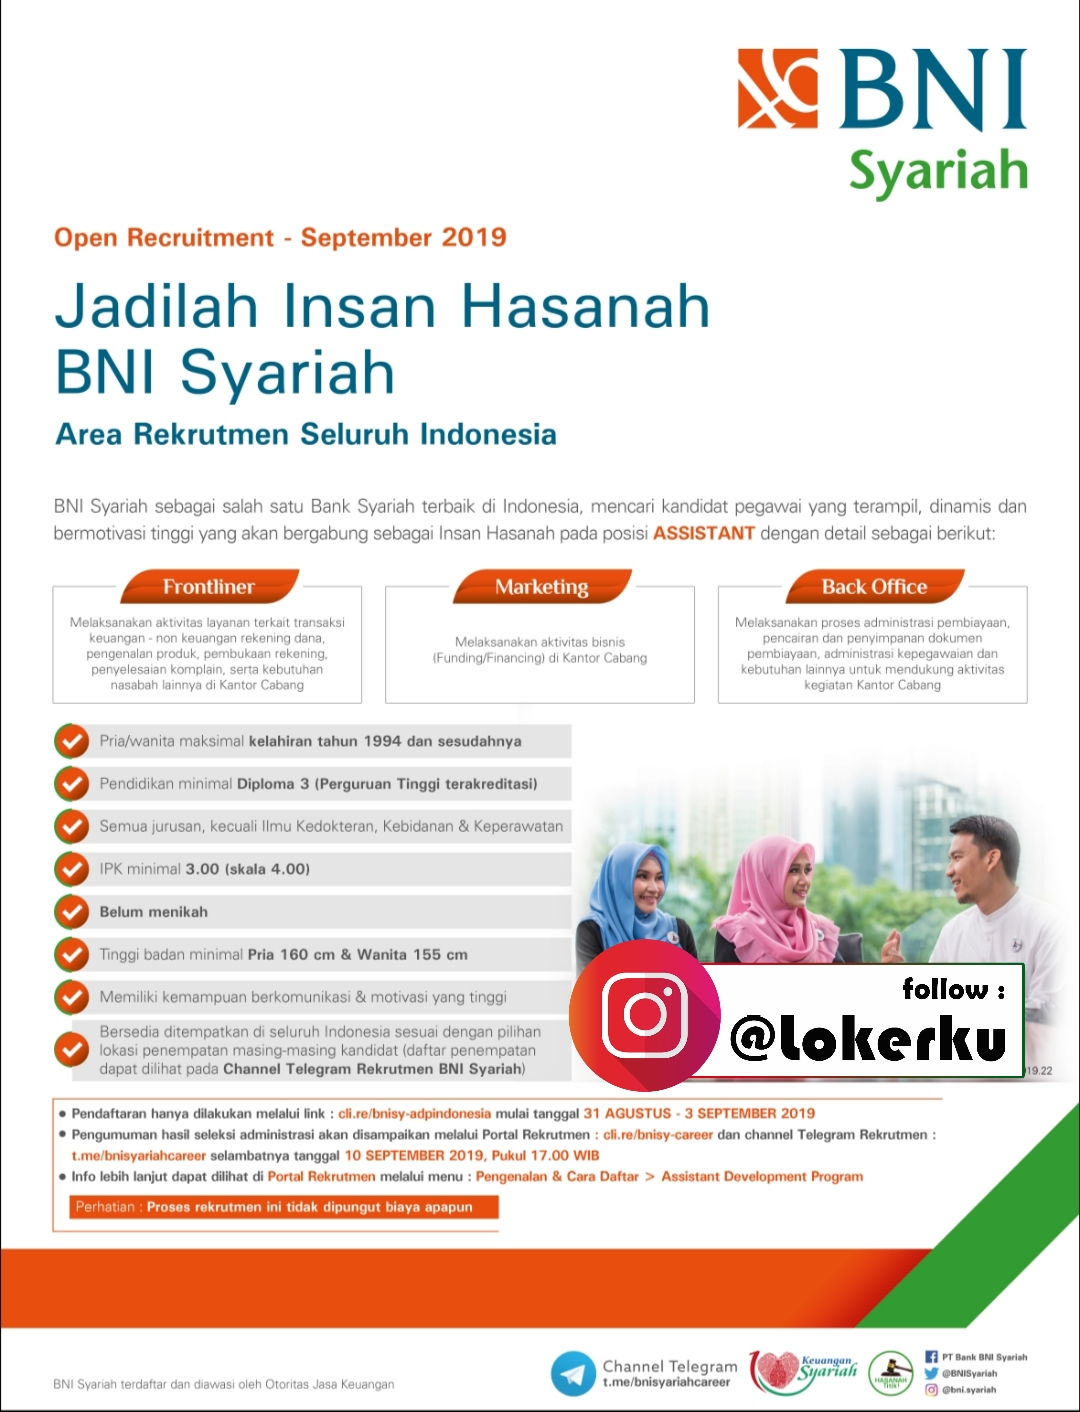 Rekrutmen Frontliner Marketing Back Office Di Bni Syariah Kudus Semarang Lowongan Kerja Kudus Terbaru 2021